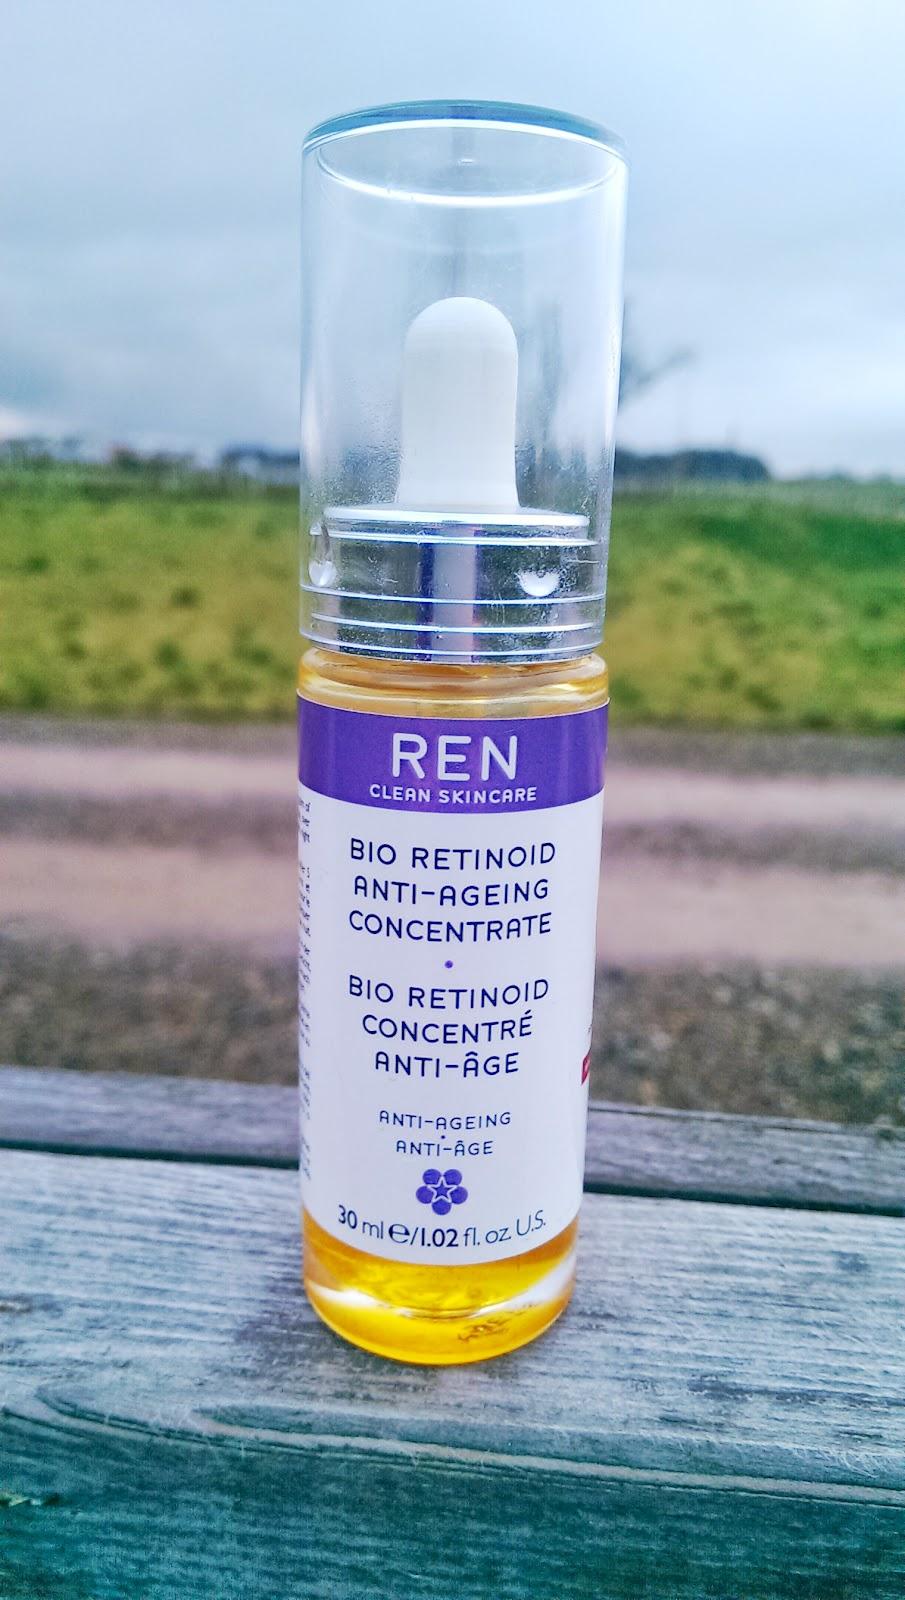 REN Bio Retinoid